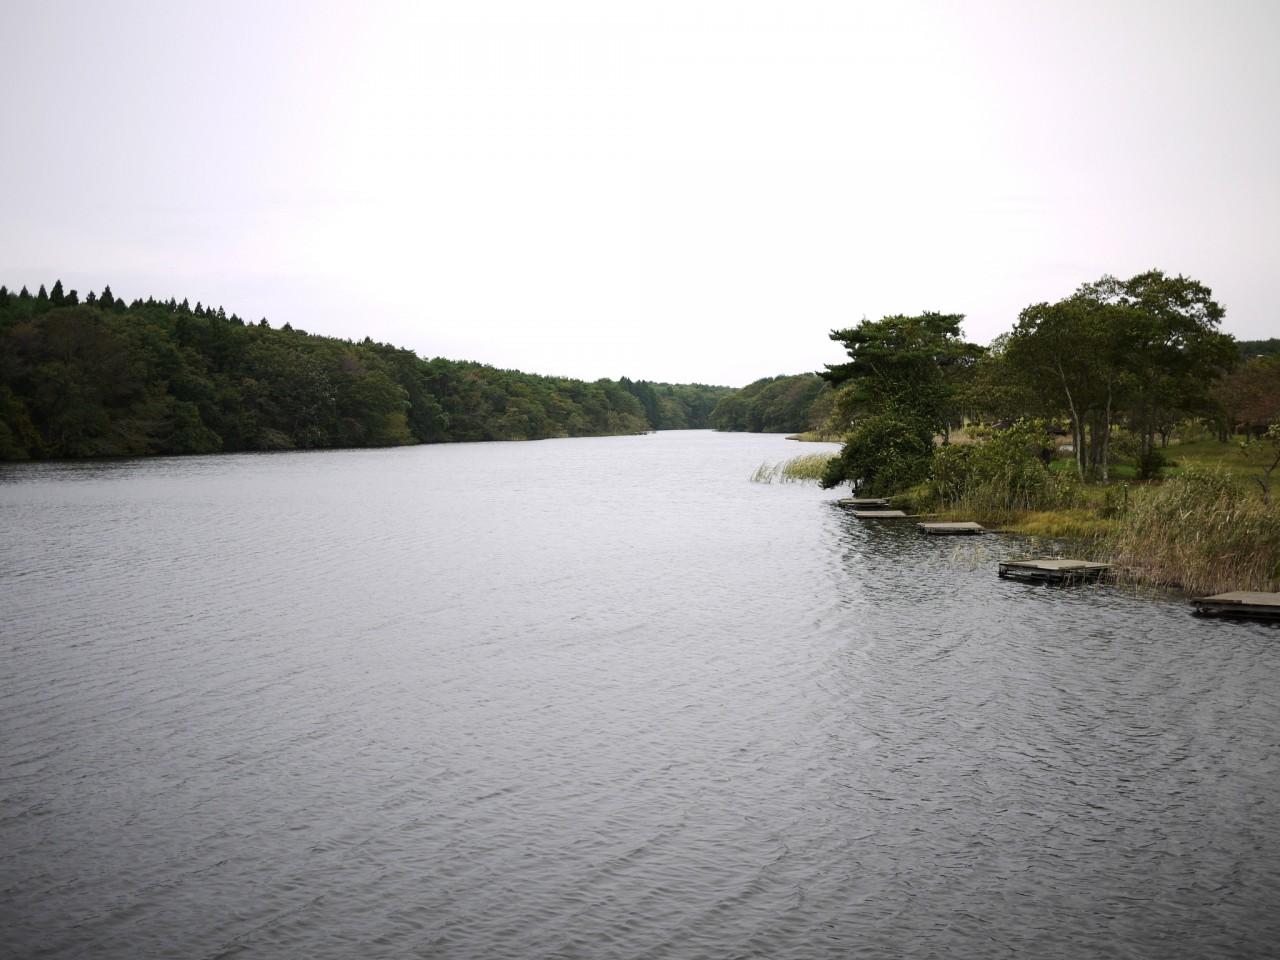 青森 風景 冬 上北 三沢市 五川目堤 釣りスポット 湖 岸部